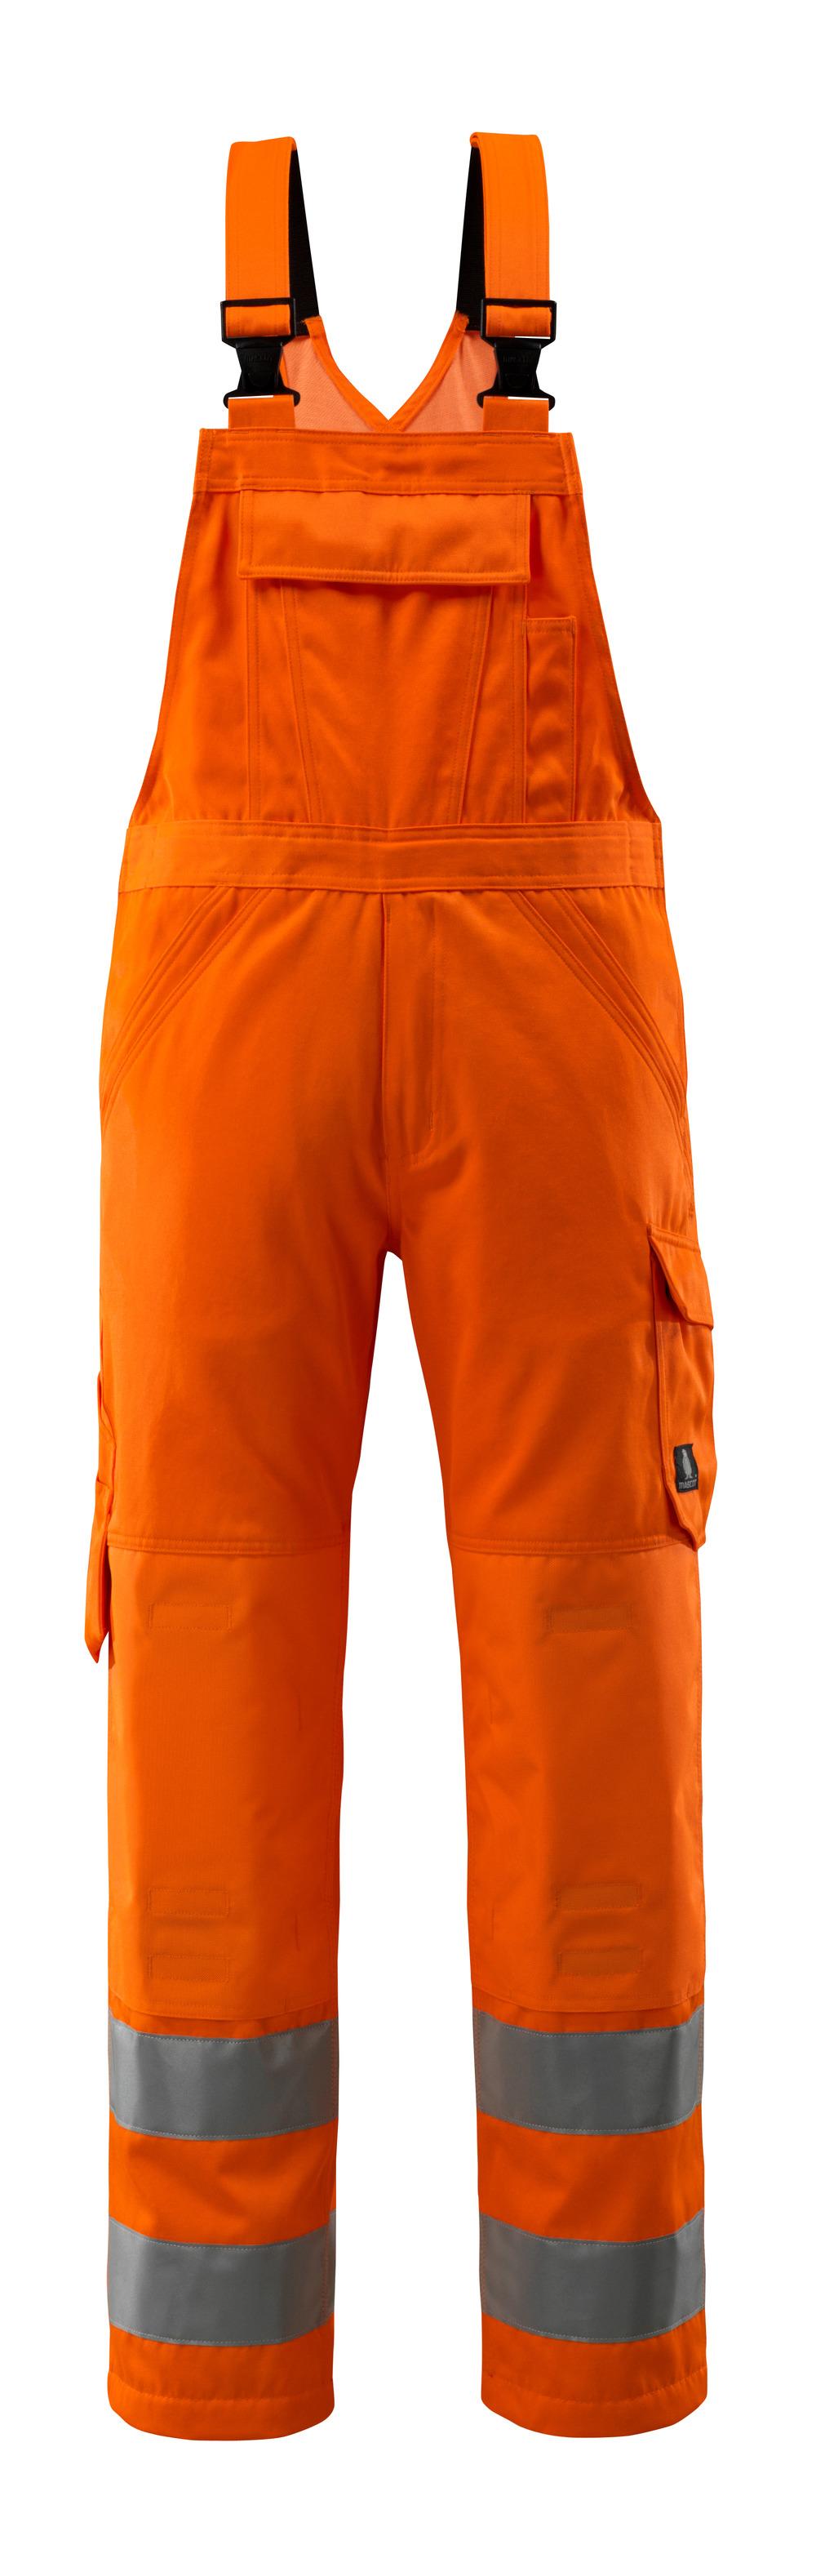 16869-860-14 Latzhose mit Knietaschen - hi-vis Orange